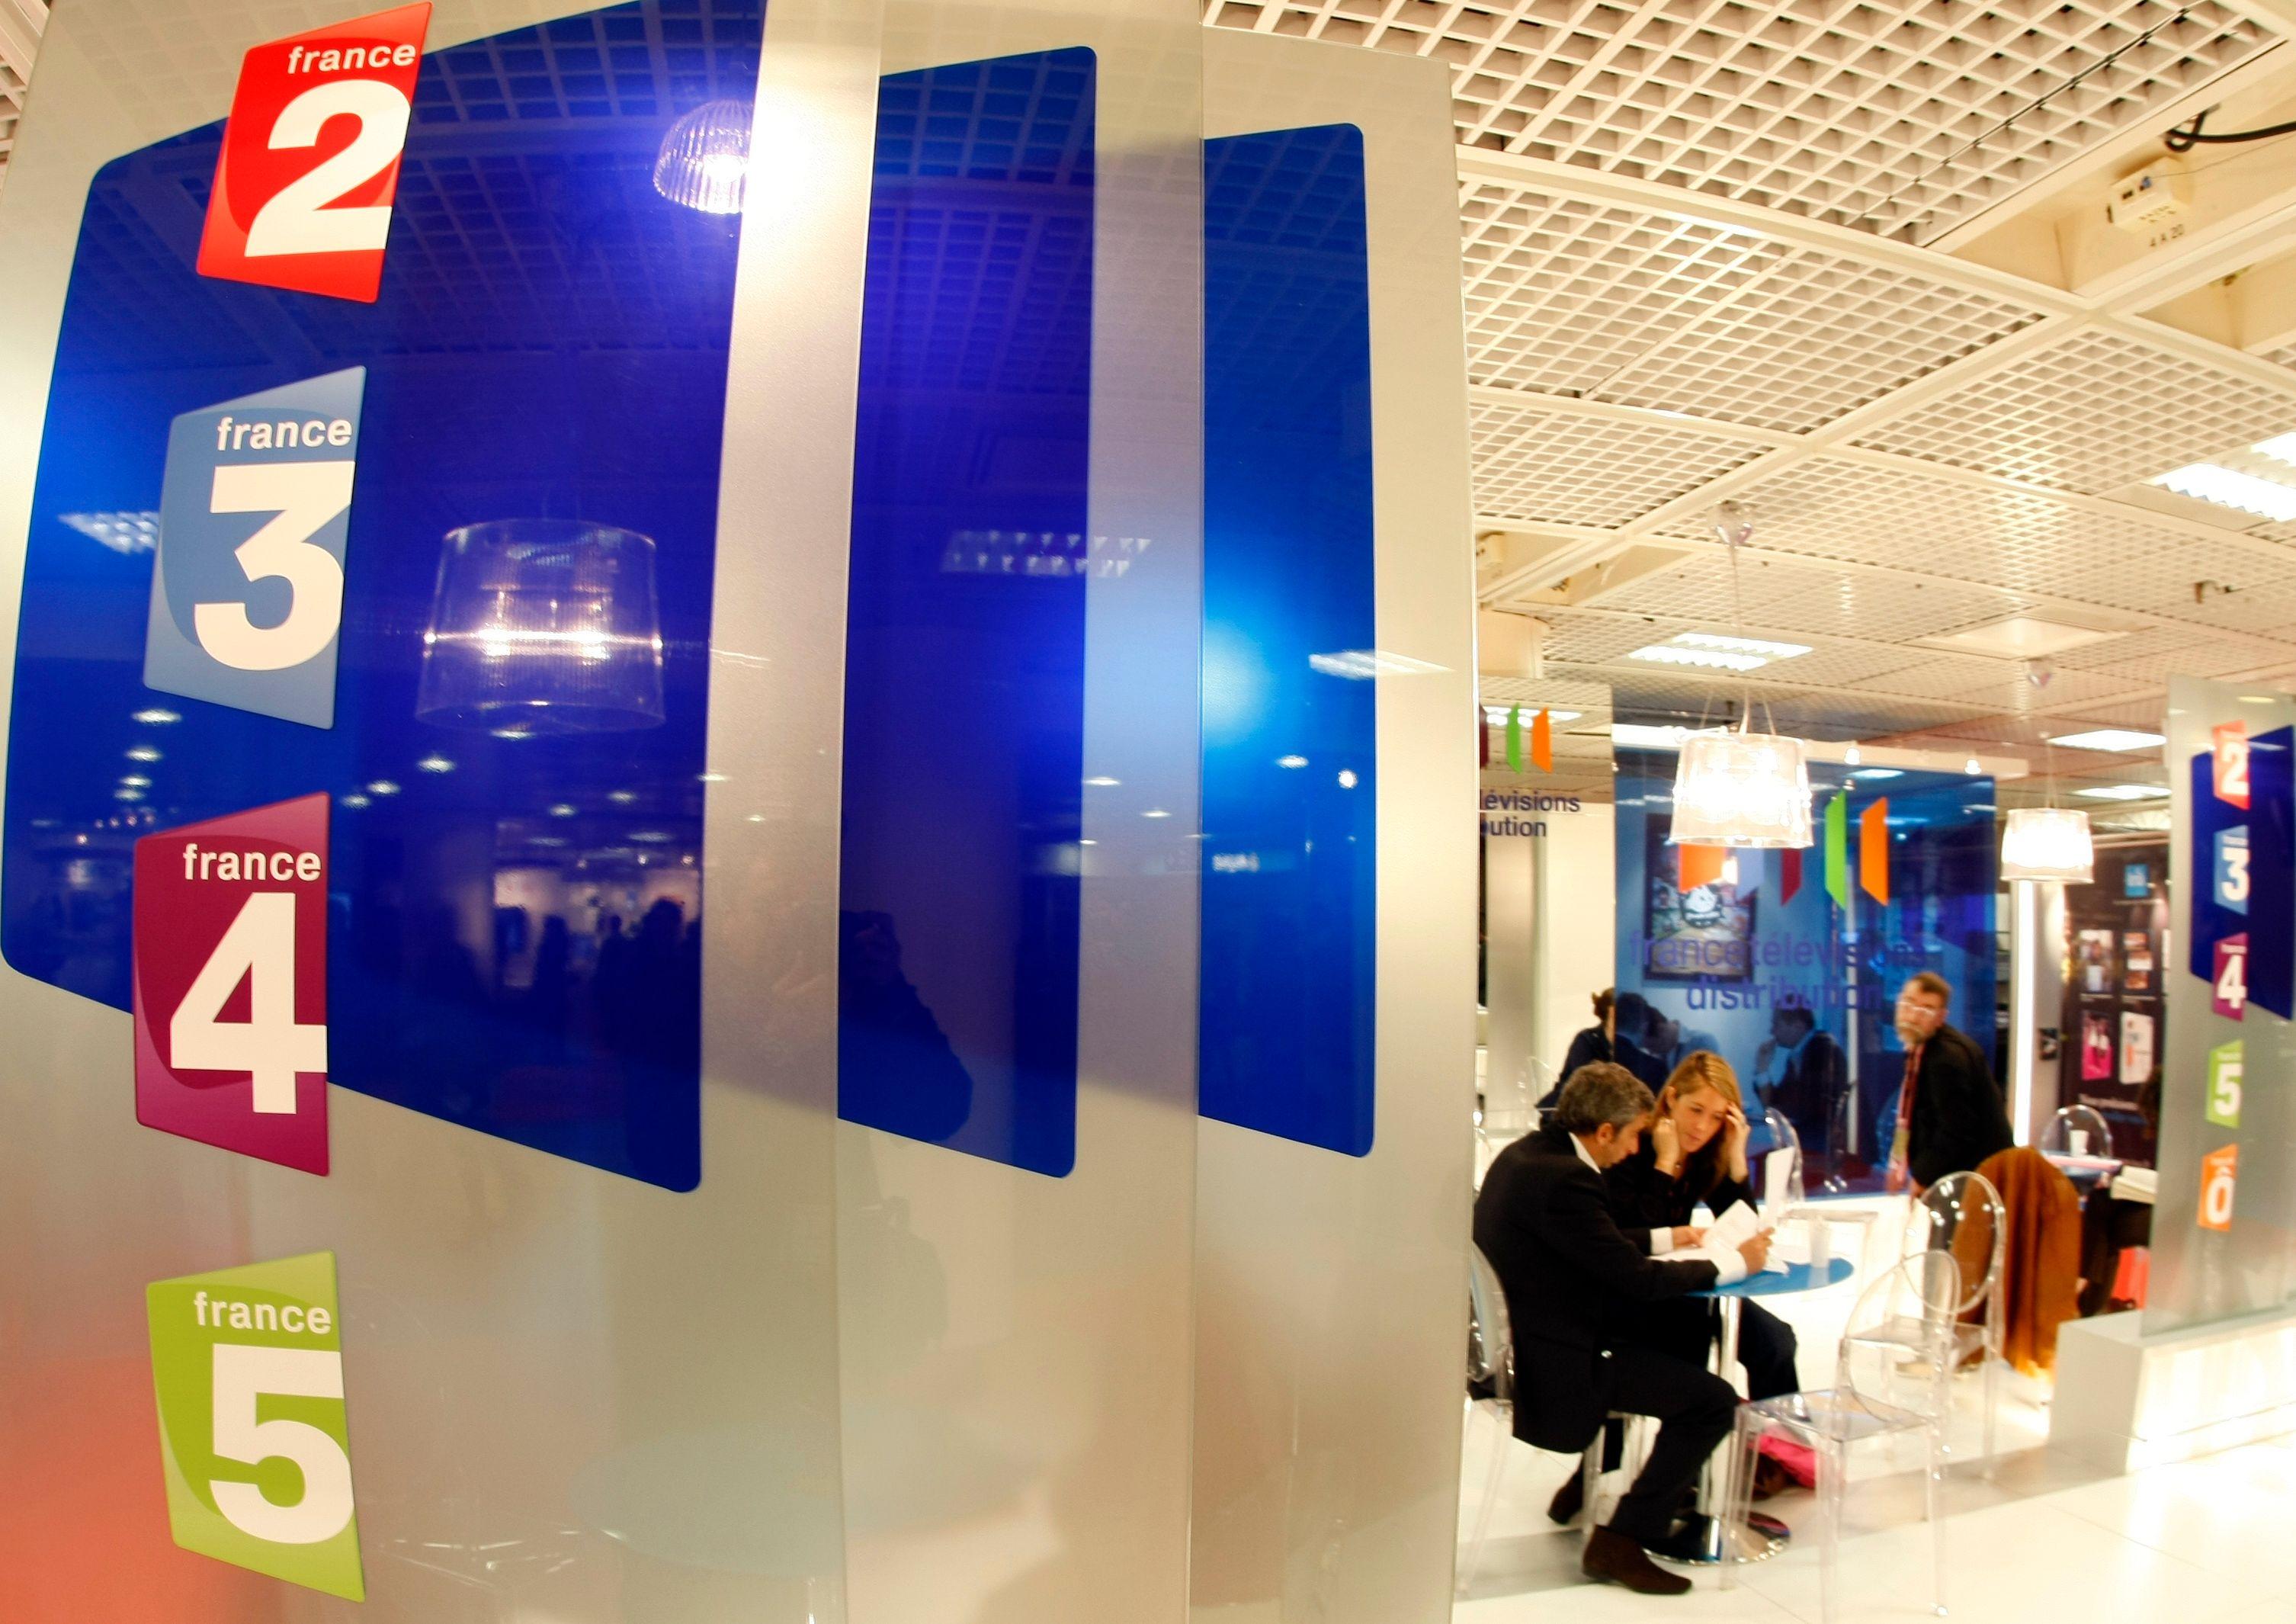 Le groupe France télévisions sera largement impacté par les restrictions budgétaires en 2013